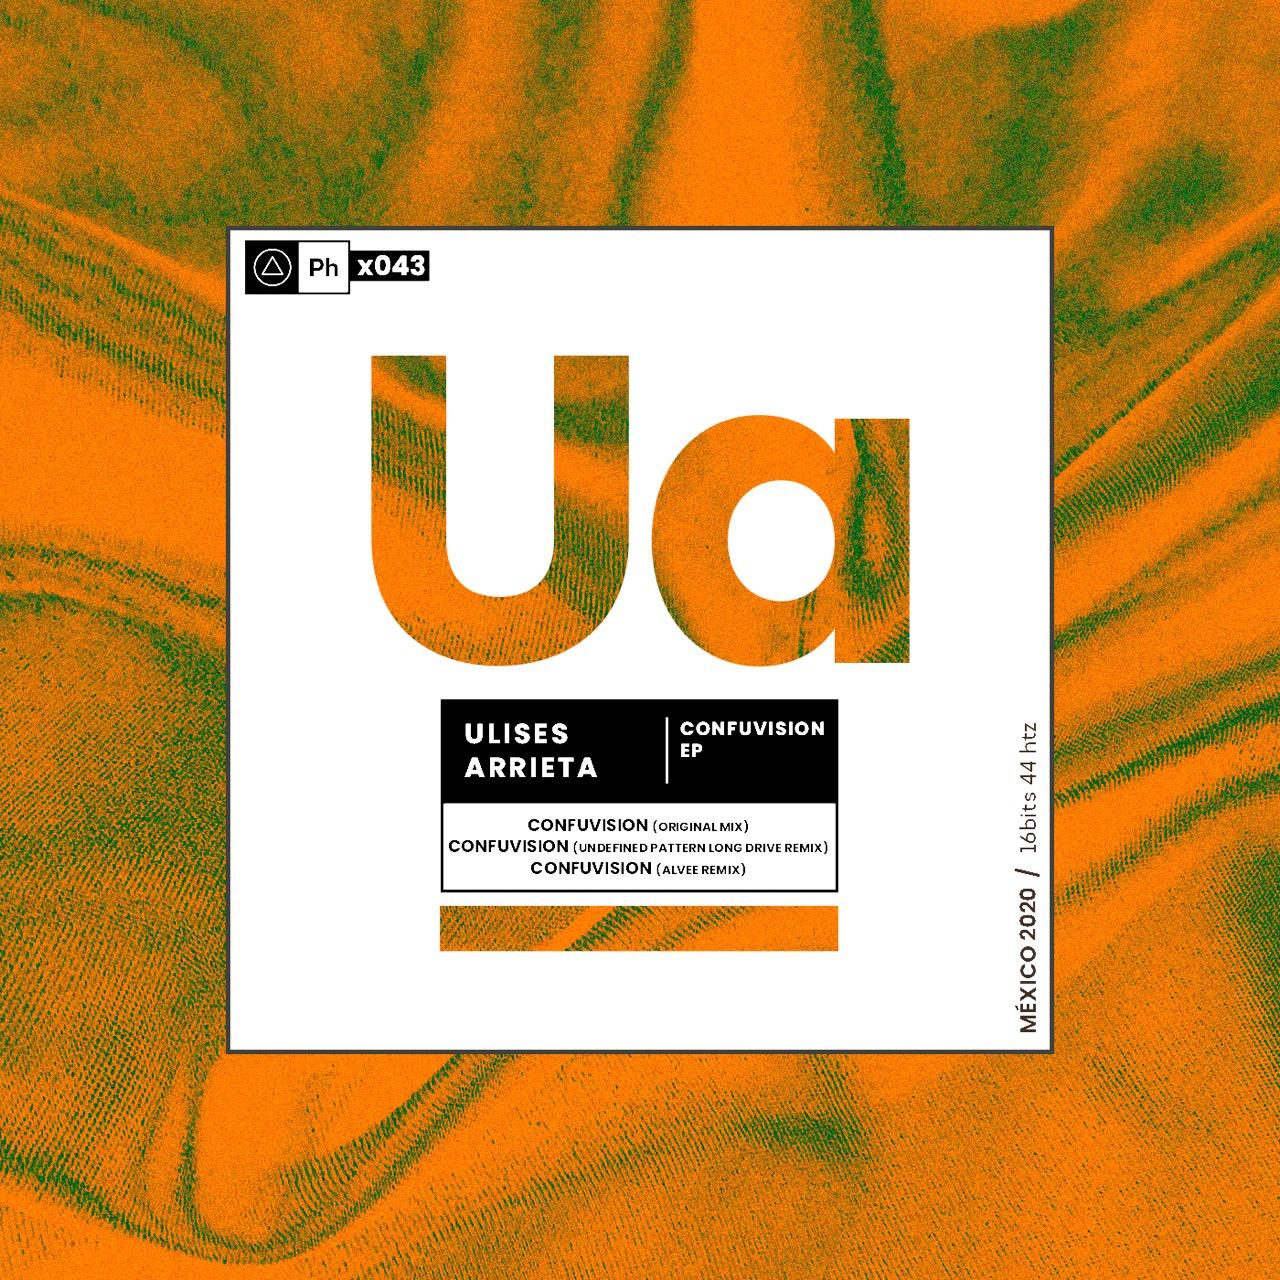 PREMIERE: Ulises Arrieta - Confuvision (Alvee Remix) [Phisica]